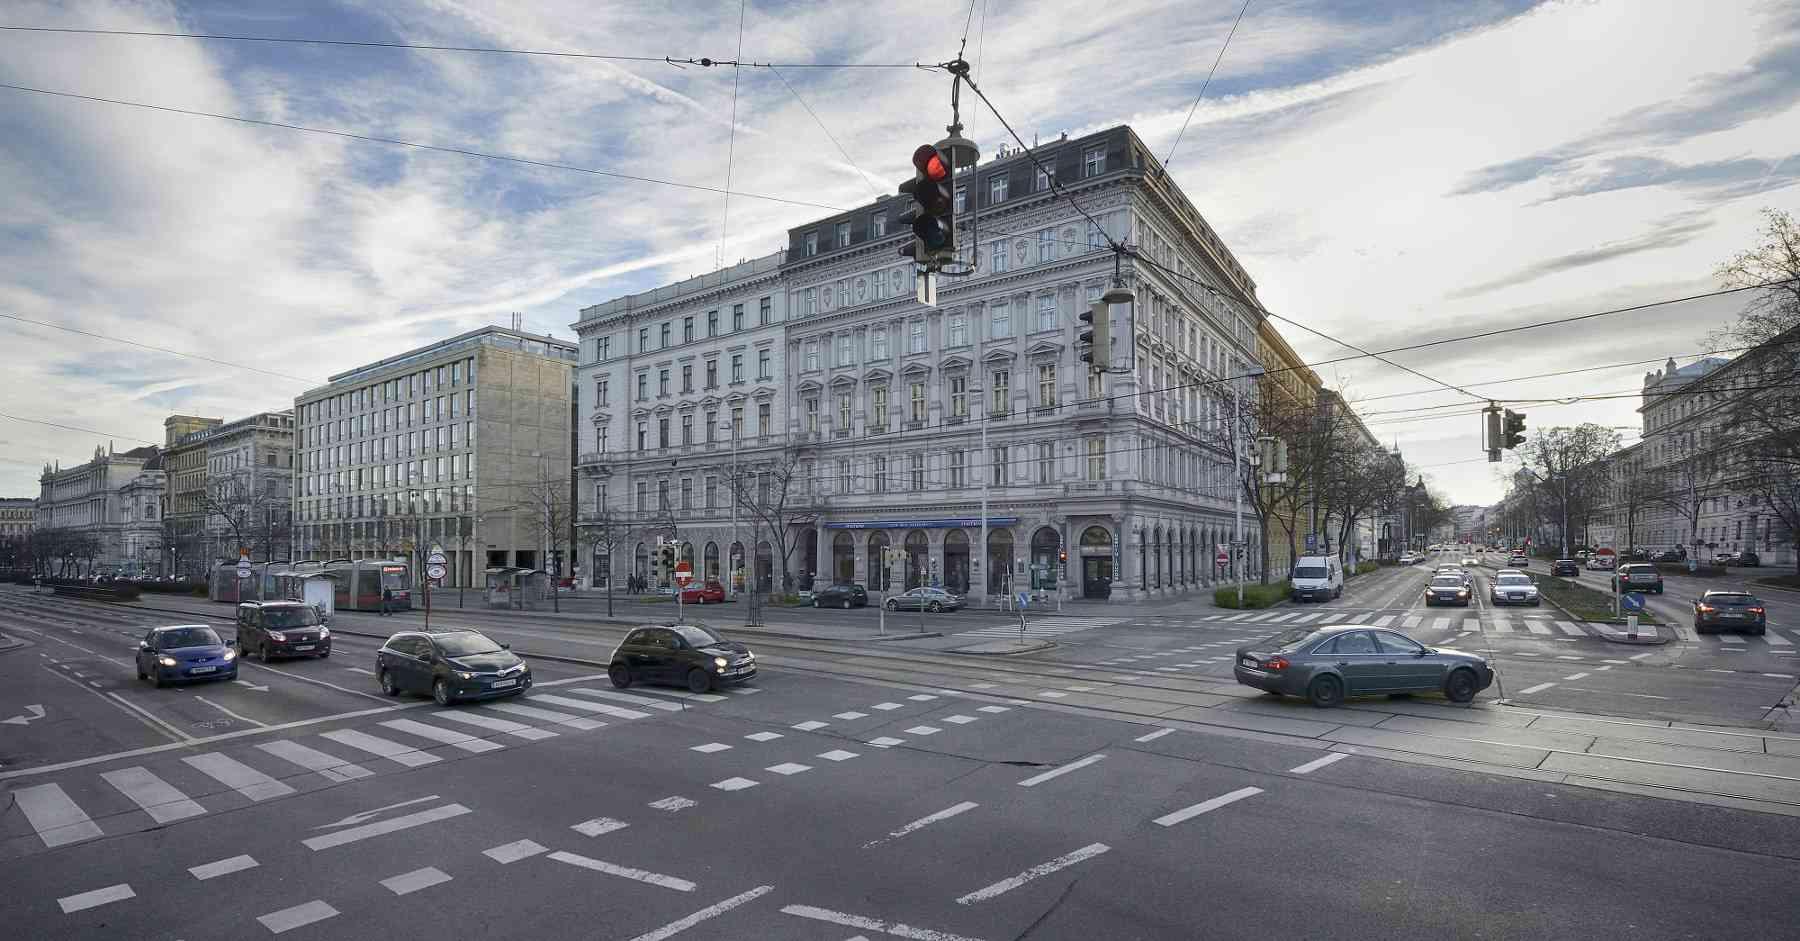 Über den Aufgang auf der Straßenseite des NIG (Neues Institutsgebäude) gelangt man zu den Straßenbahnlinien 43 und 44.